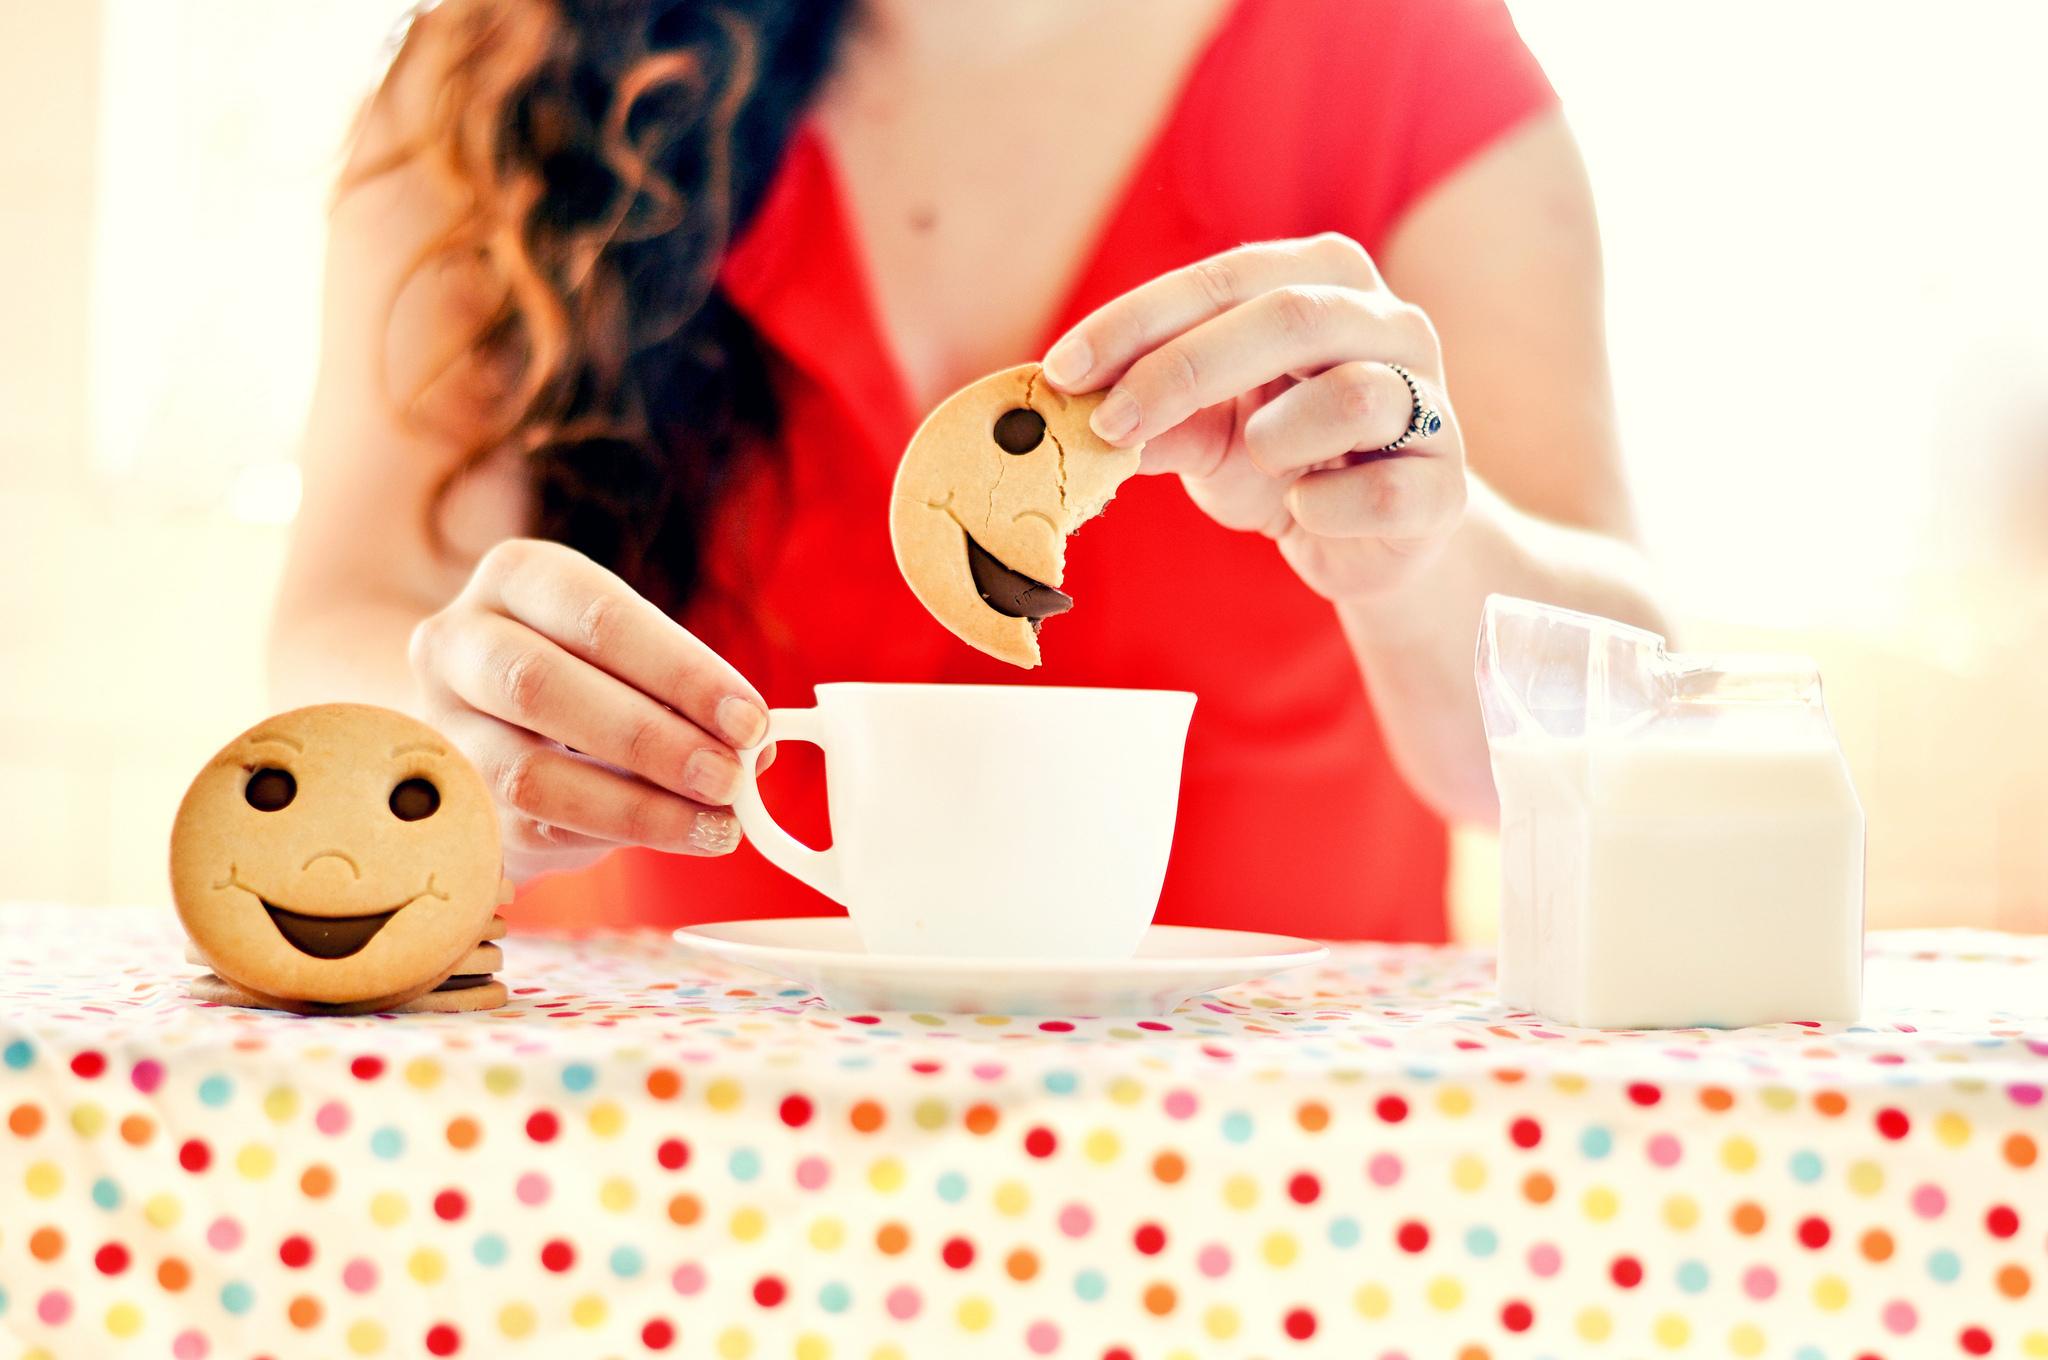 поделиться самого доброго утра улыбок настроения картинки трикотажное белье